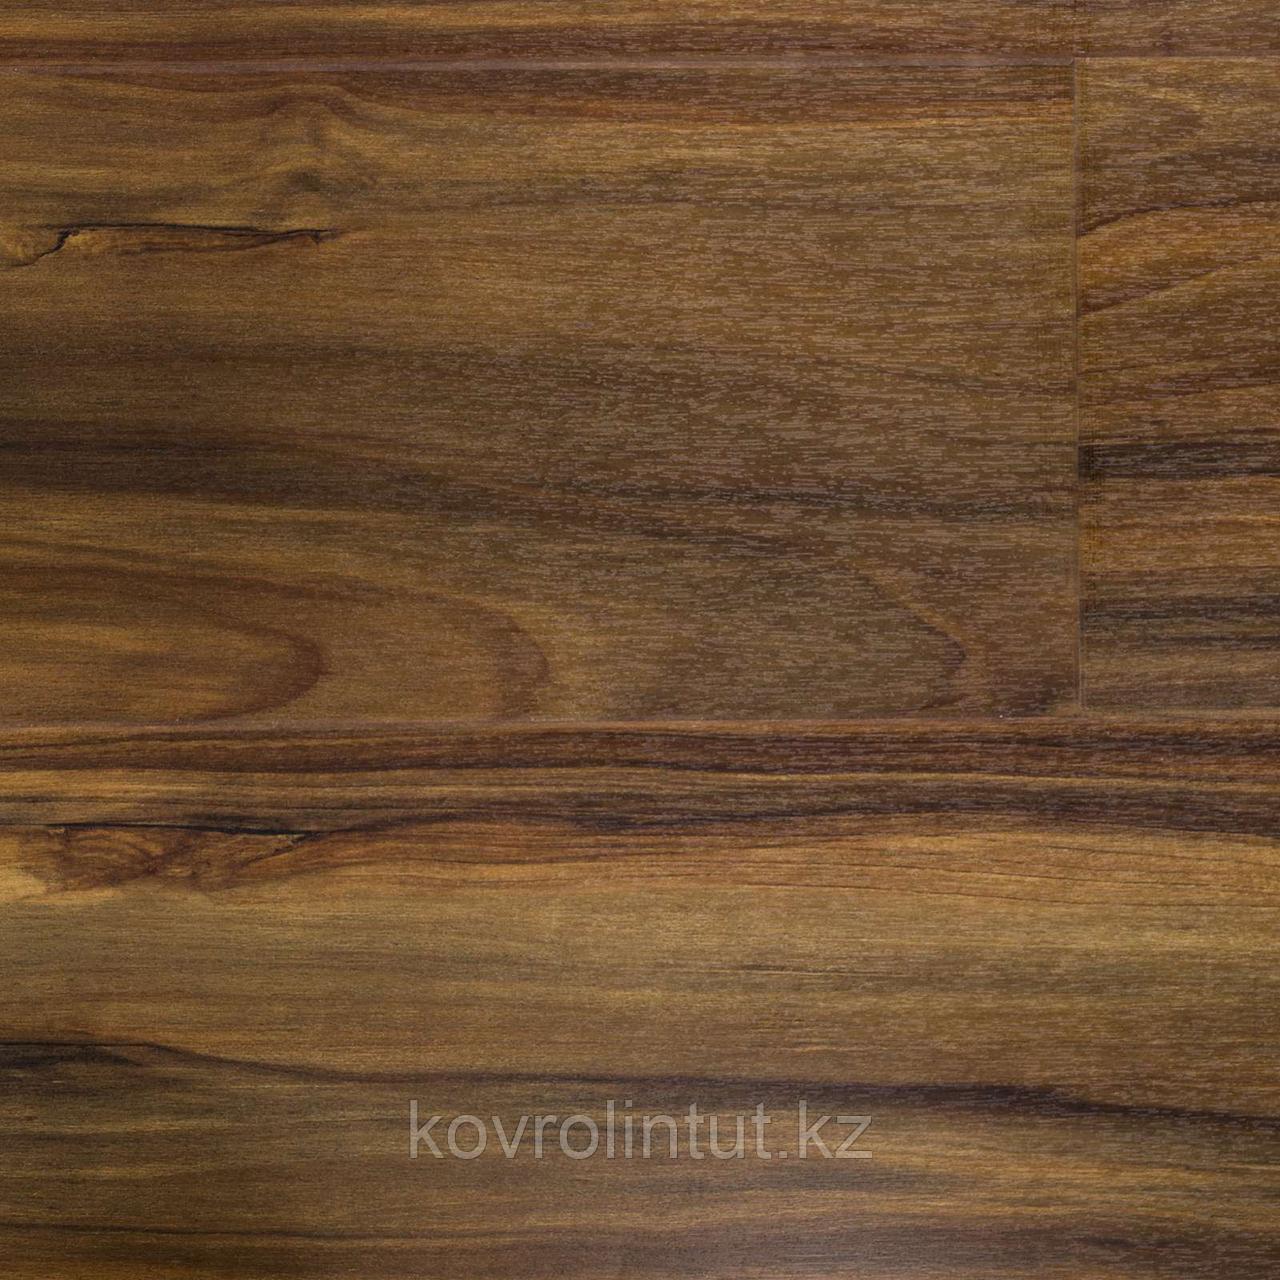 Плитка ПВХ замковая IVC Ultimo Fruit Wood 20870